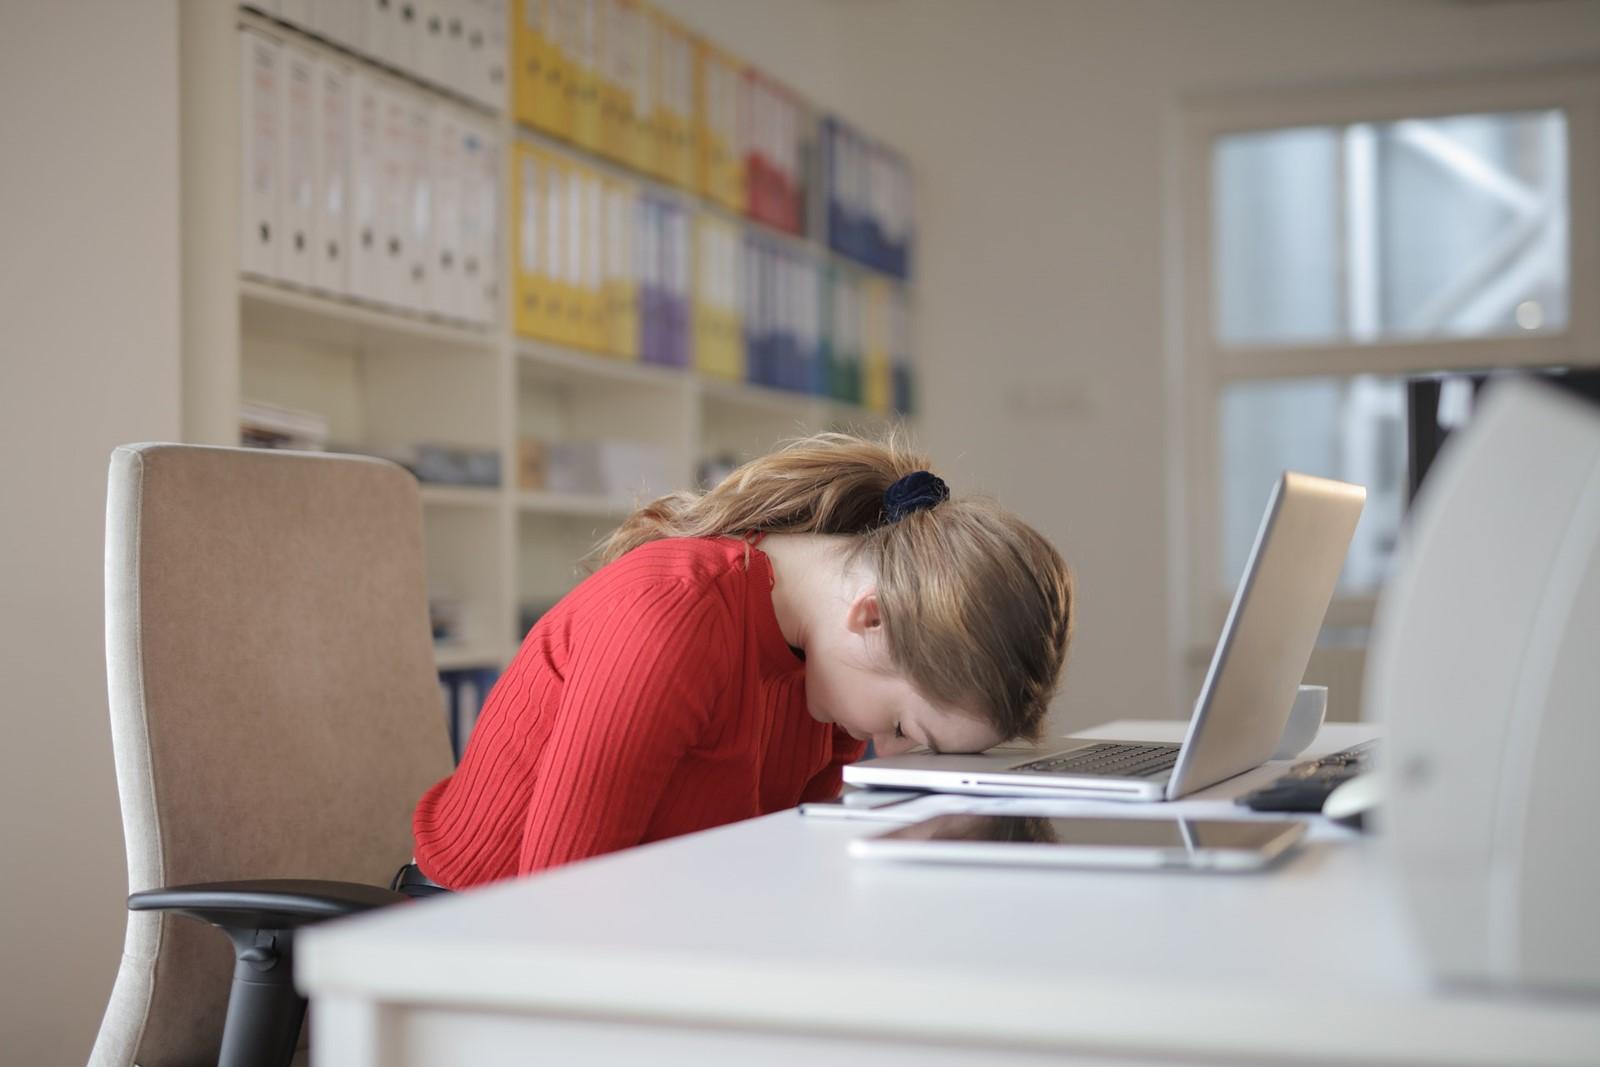 只要3招,從此擺脫越睡越累的厭世人生!